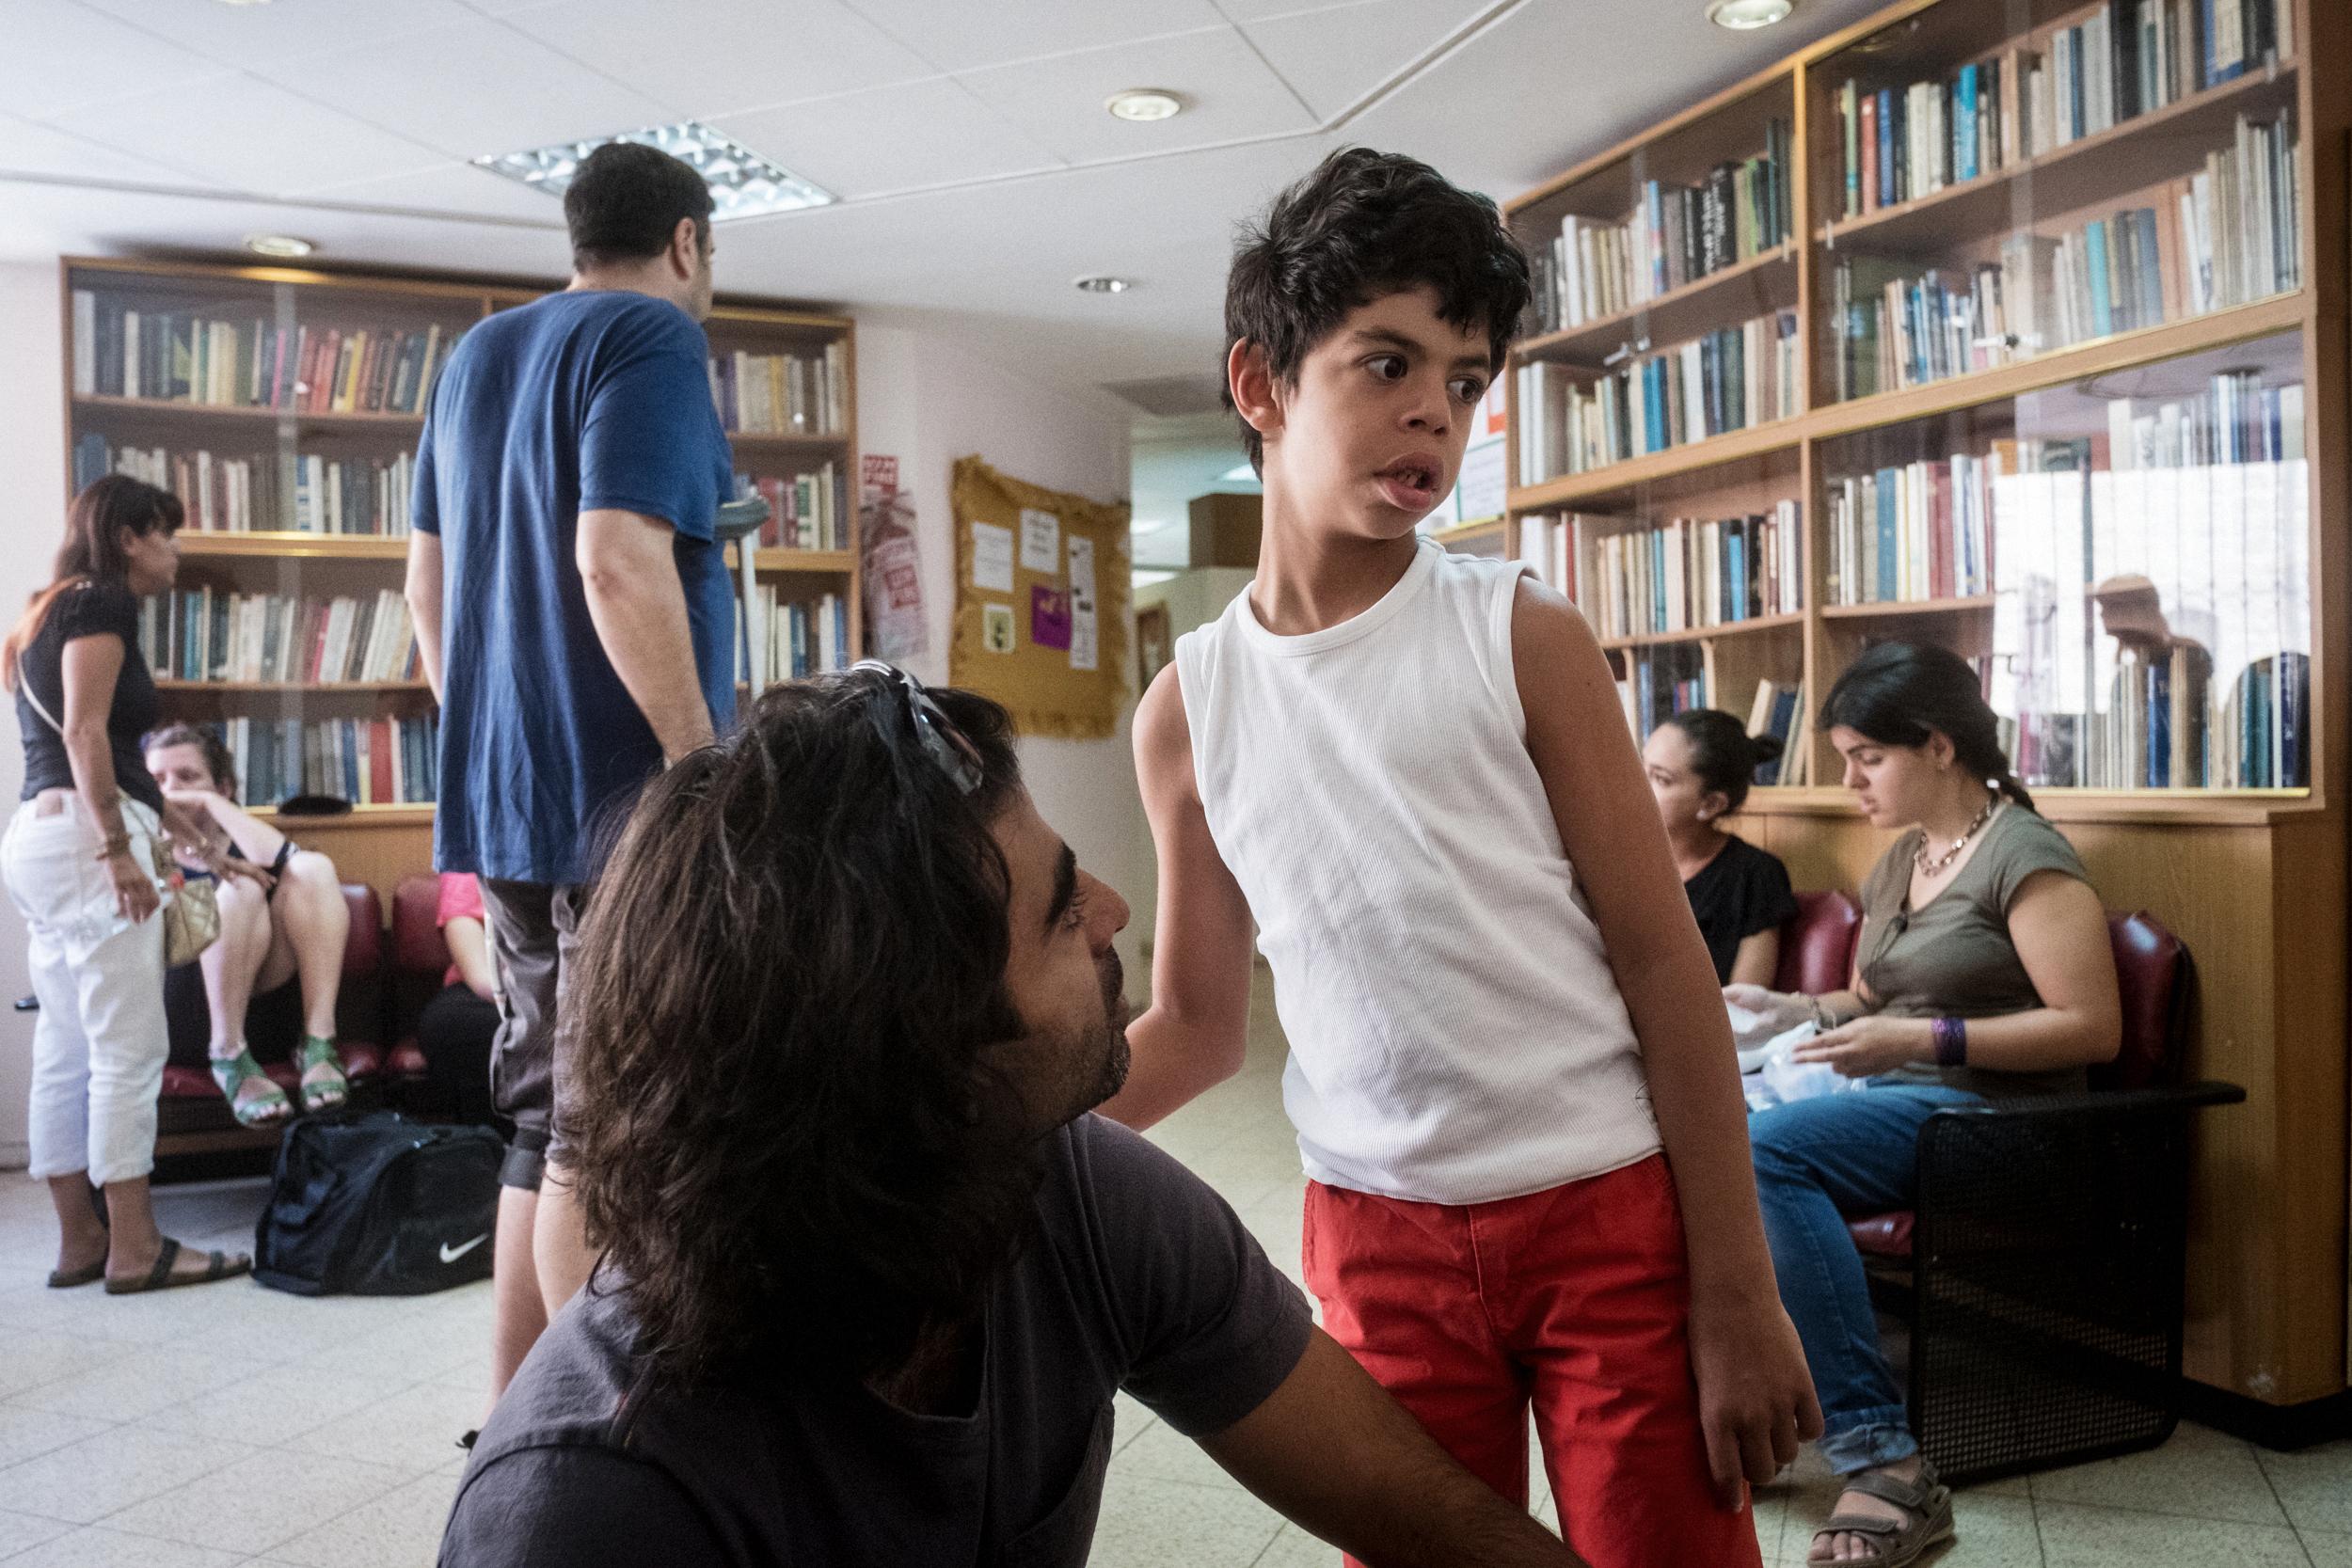 La société israélienne s'ouvre aux personnes autistes